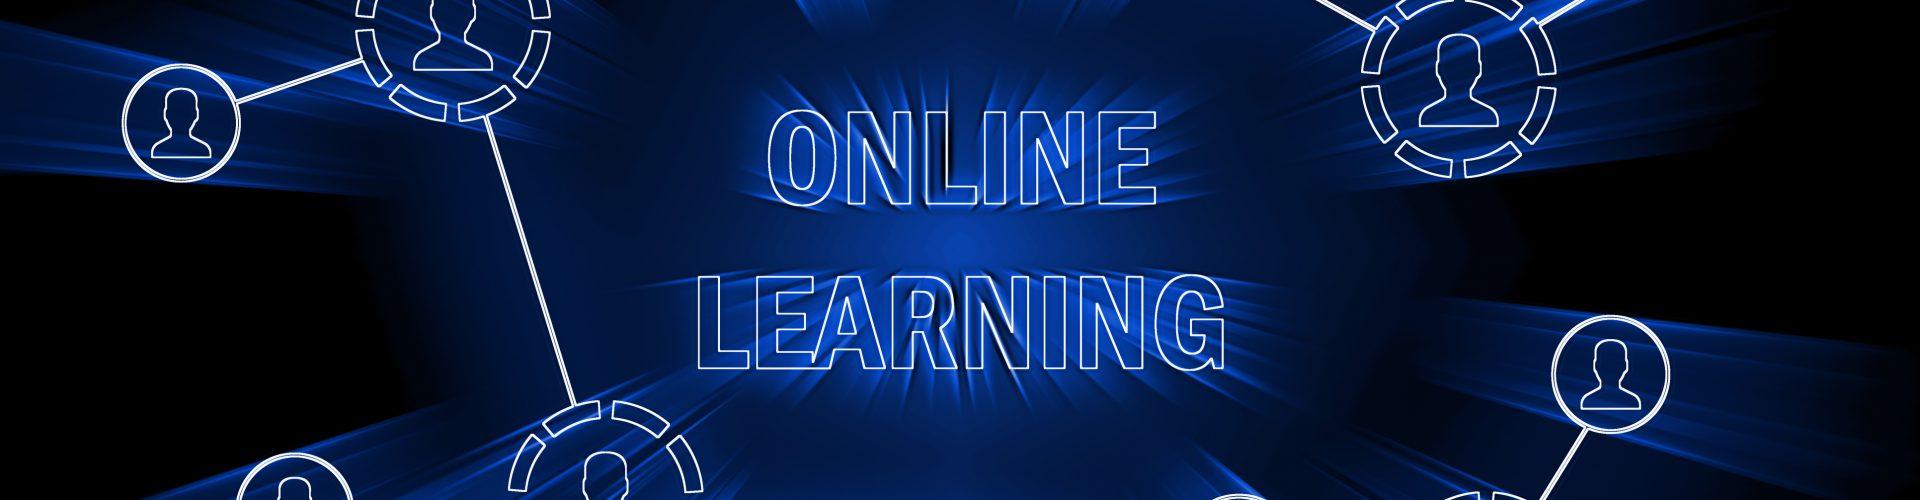 Online learning webinar e-learning